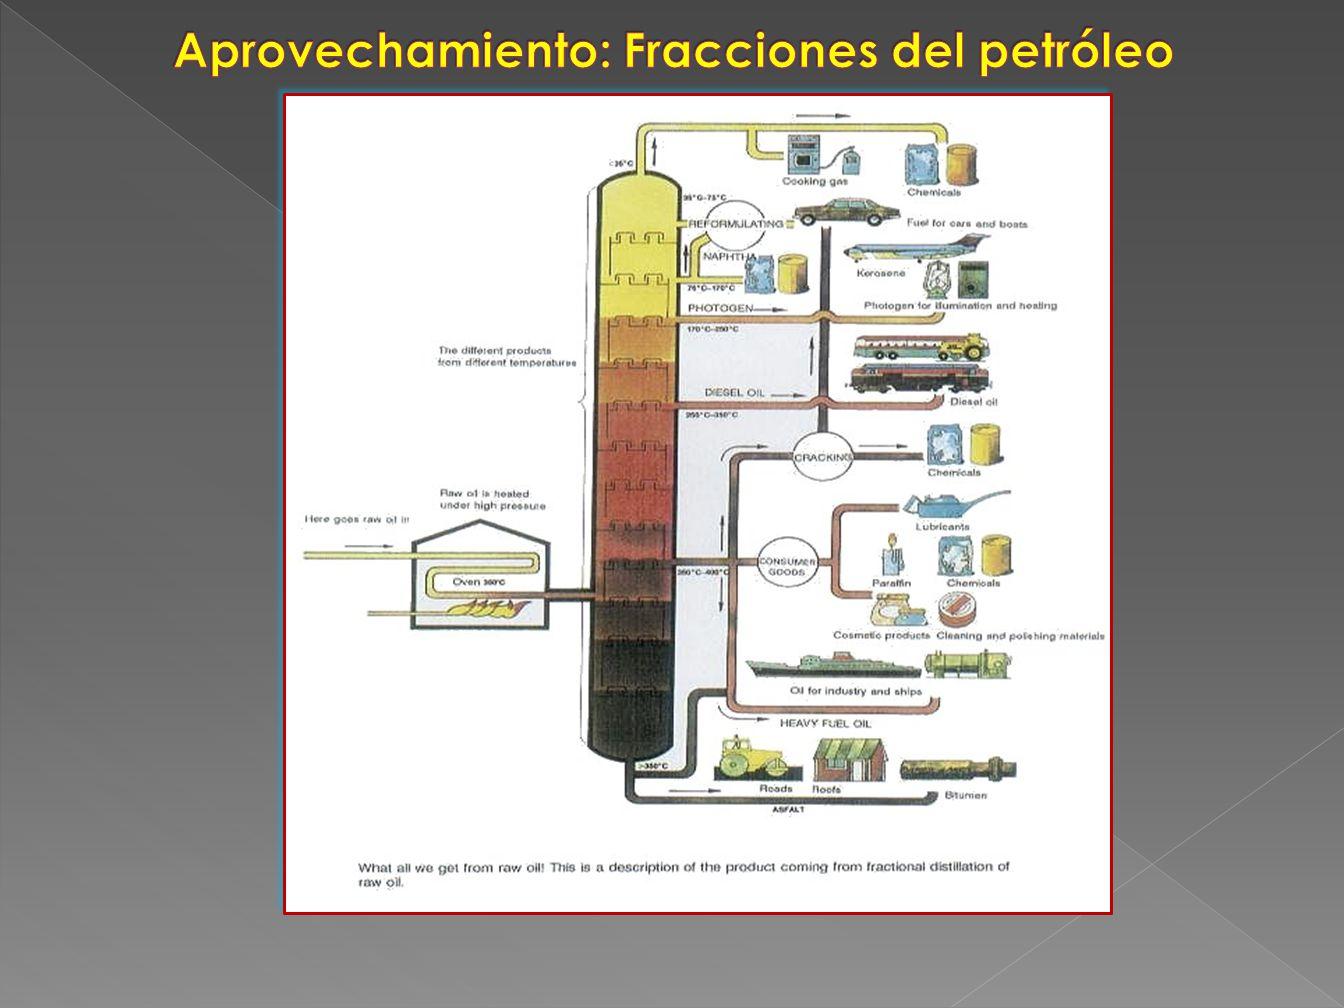 Aprovechamiento: Fracciones del petróleo